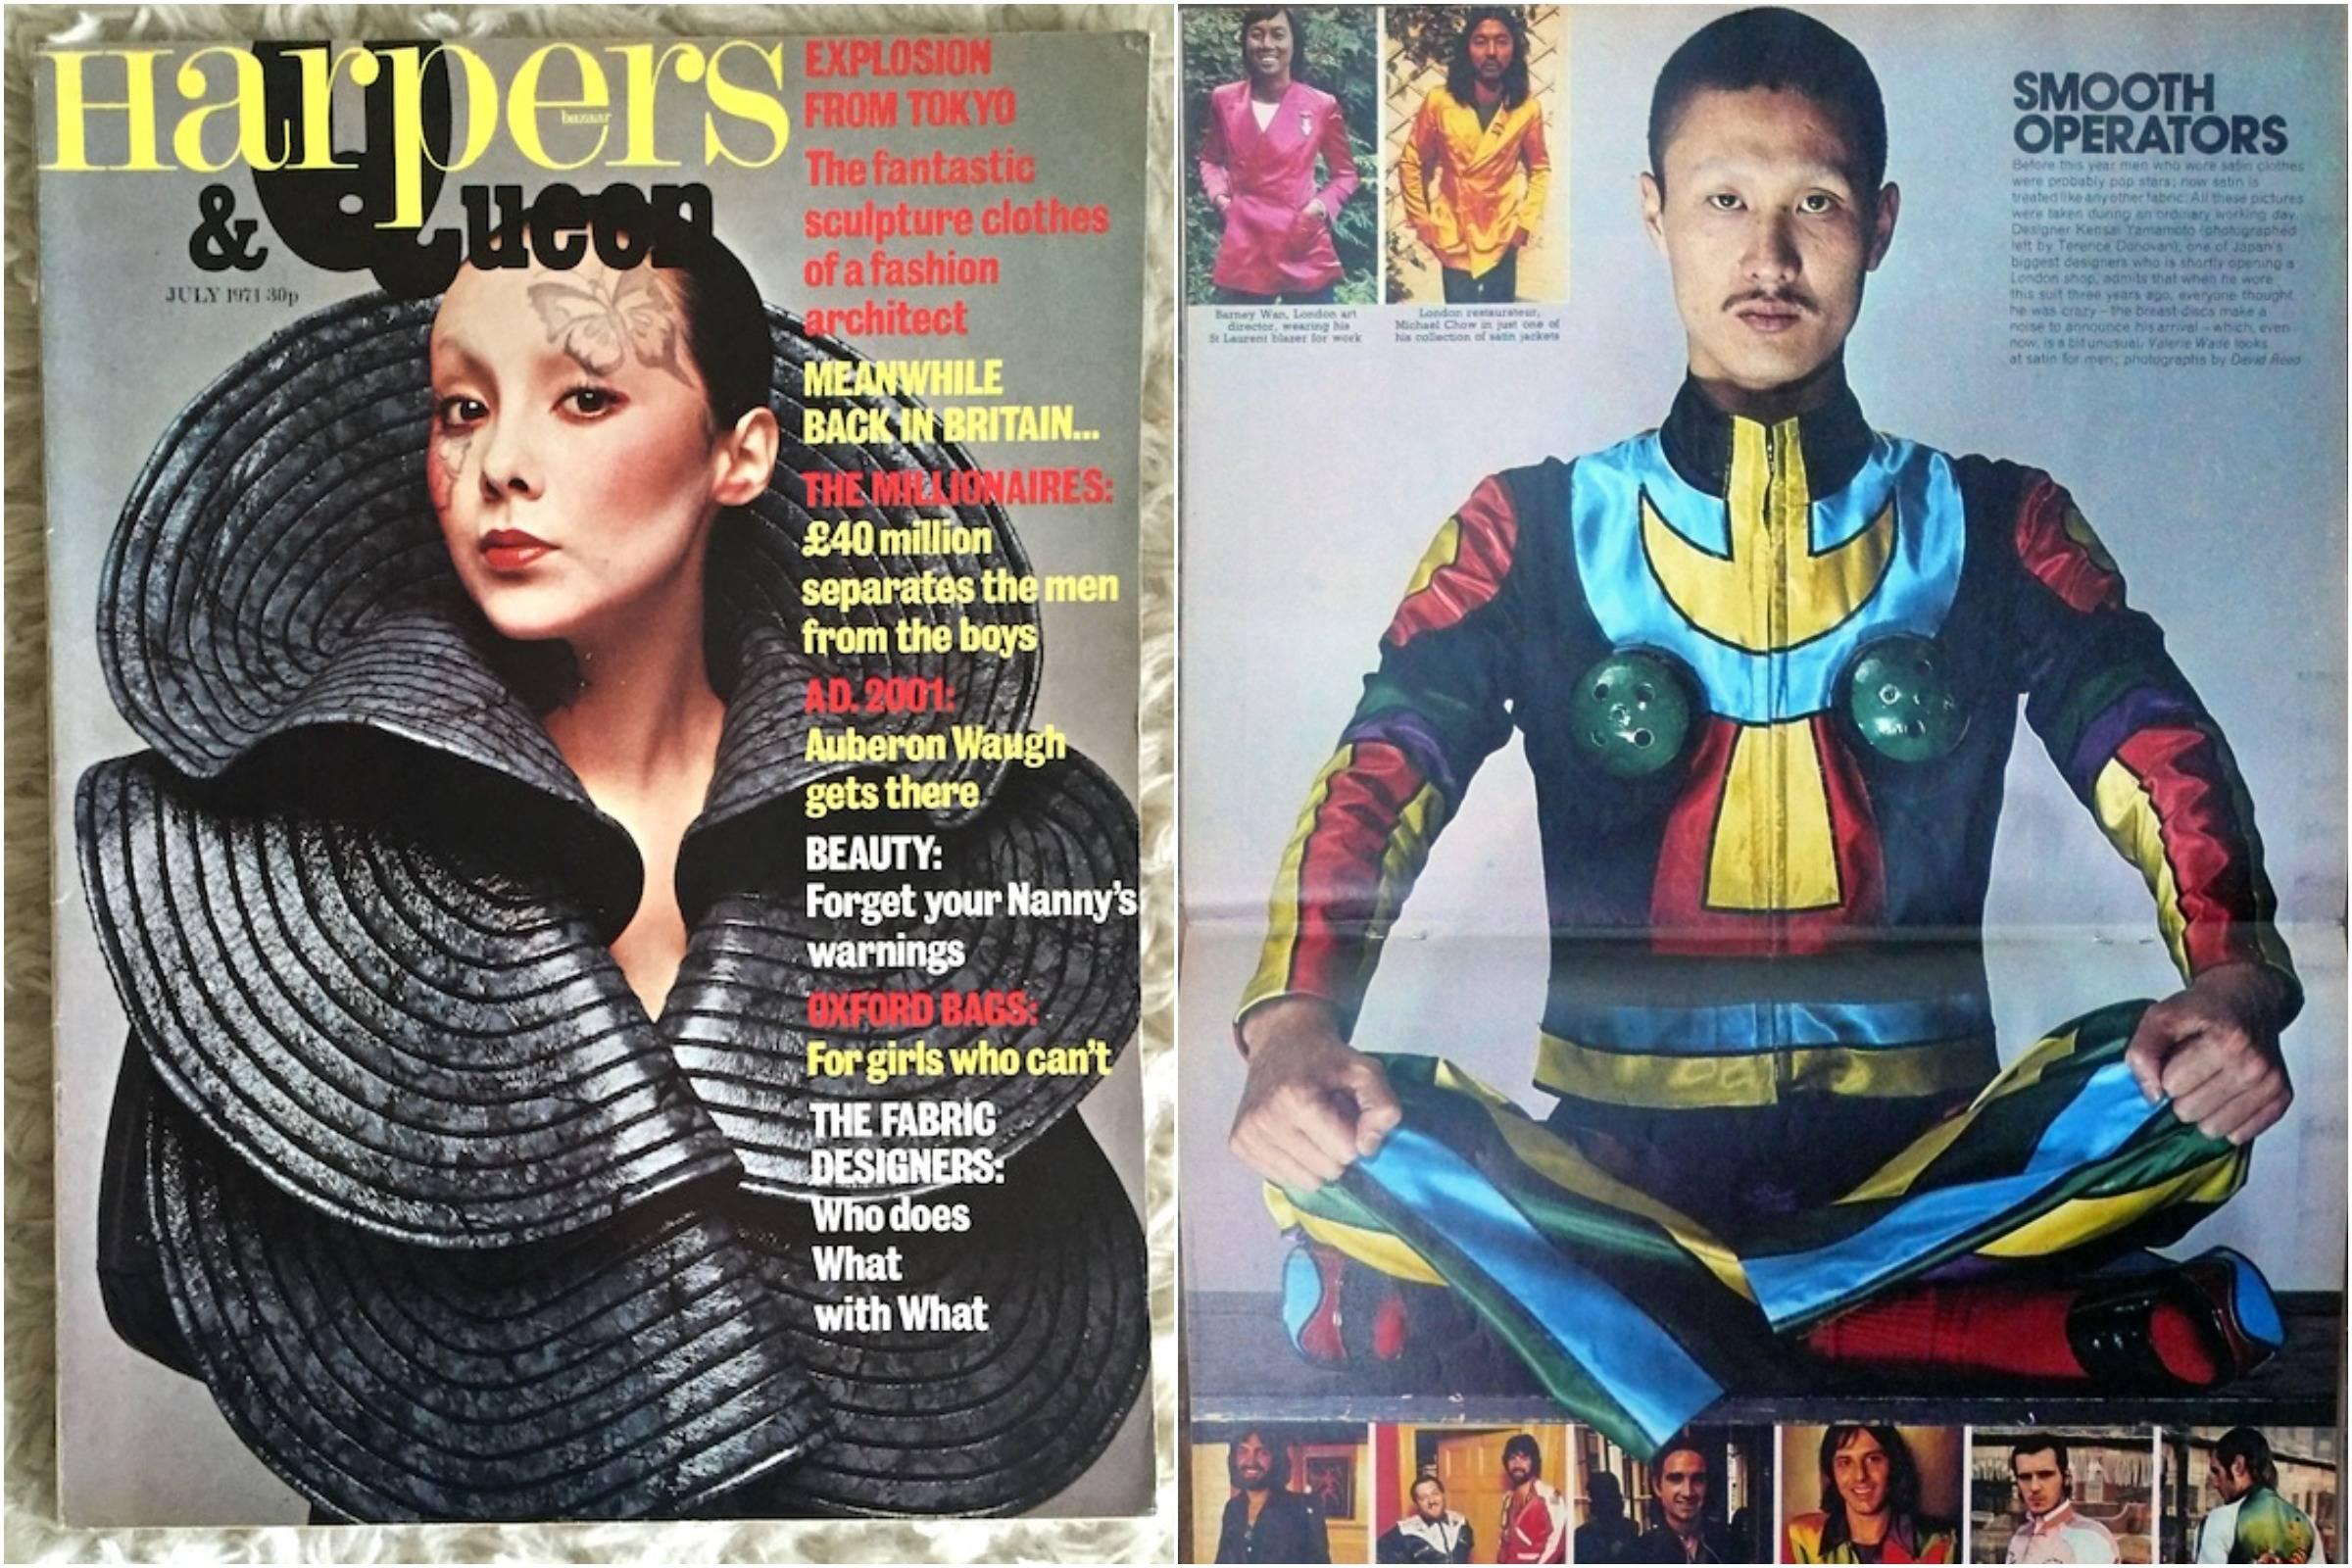 Слева: Кансай на обложке Harpers & Queen, июль 1971 года. Справа: журнал Sunday Times, 28 ноября 1971 года